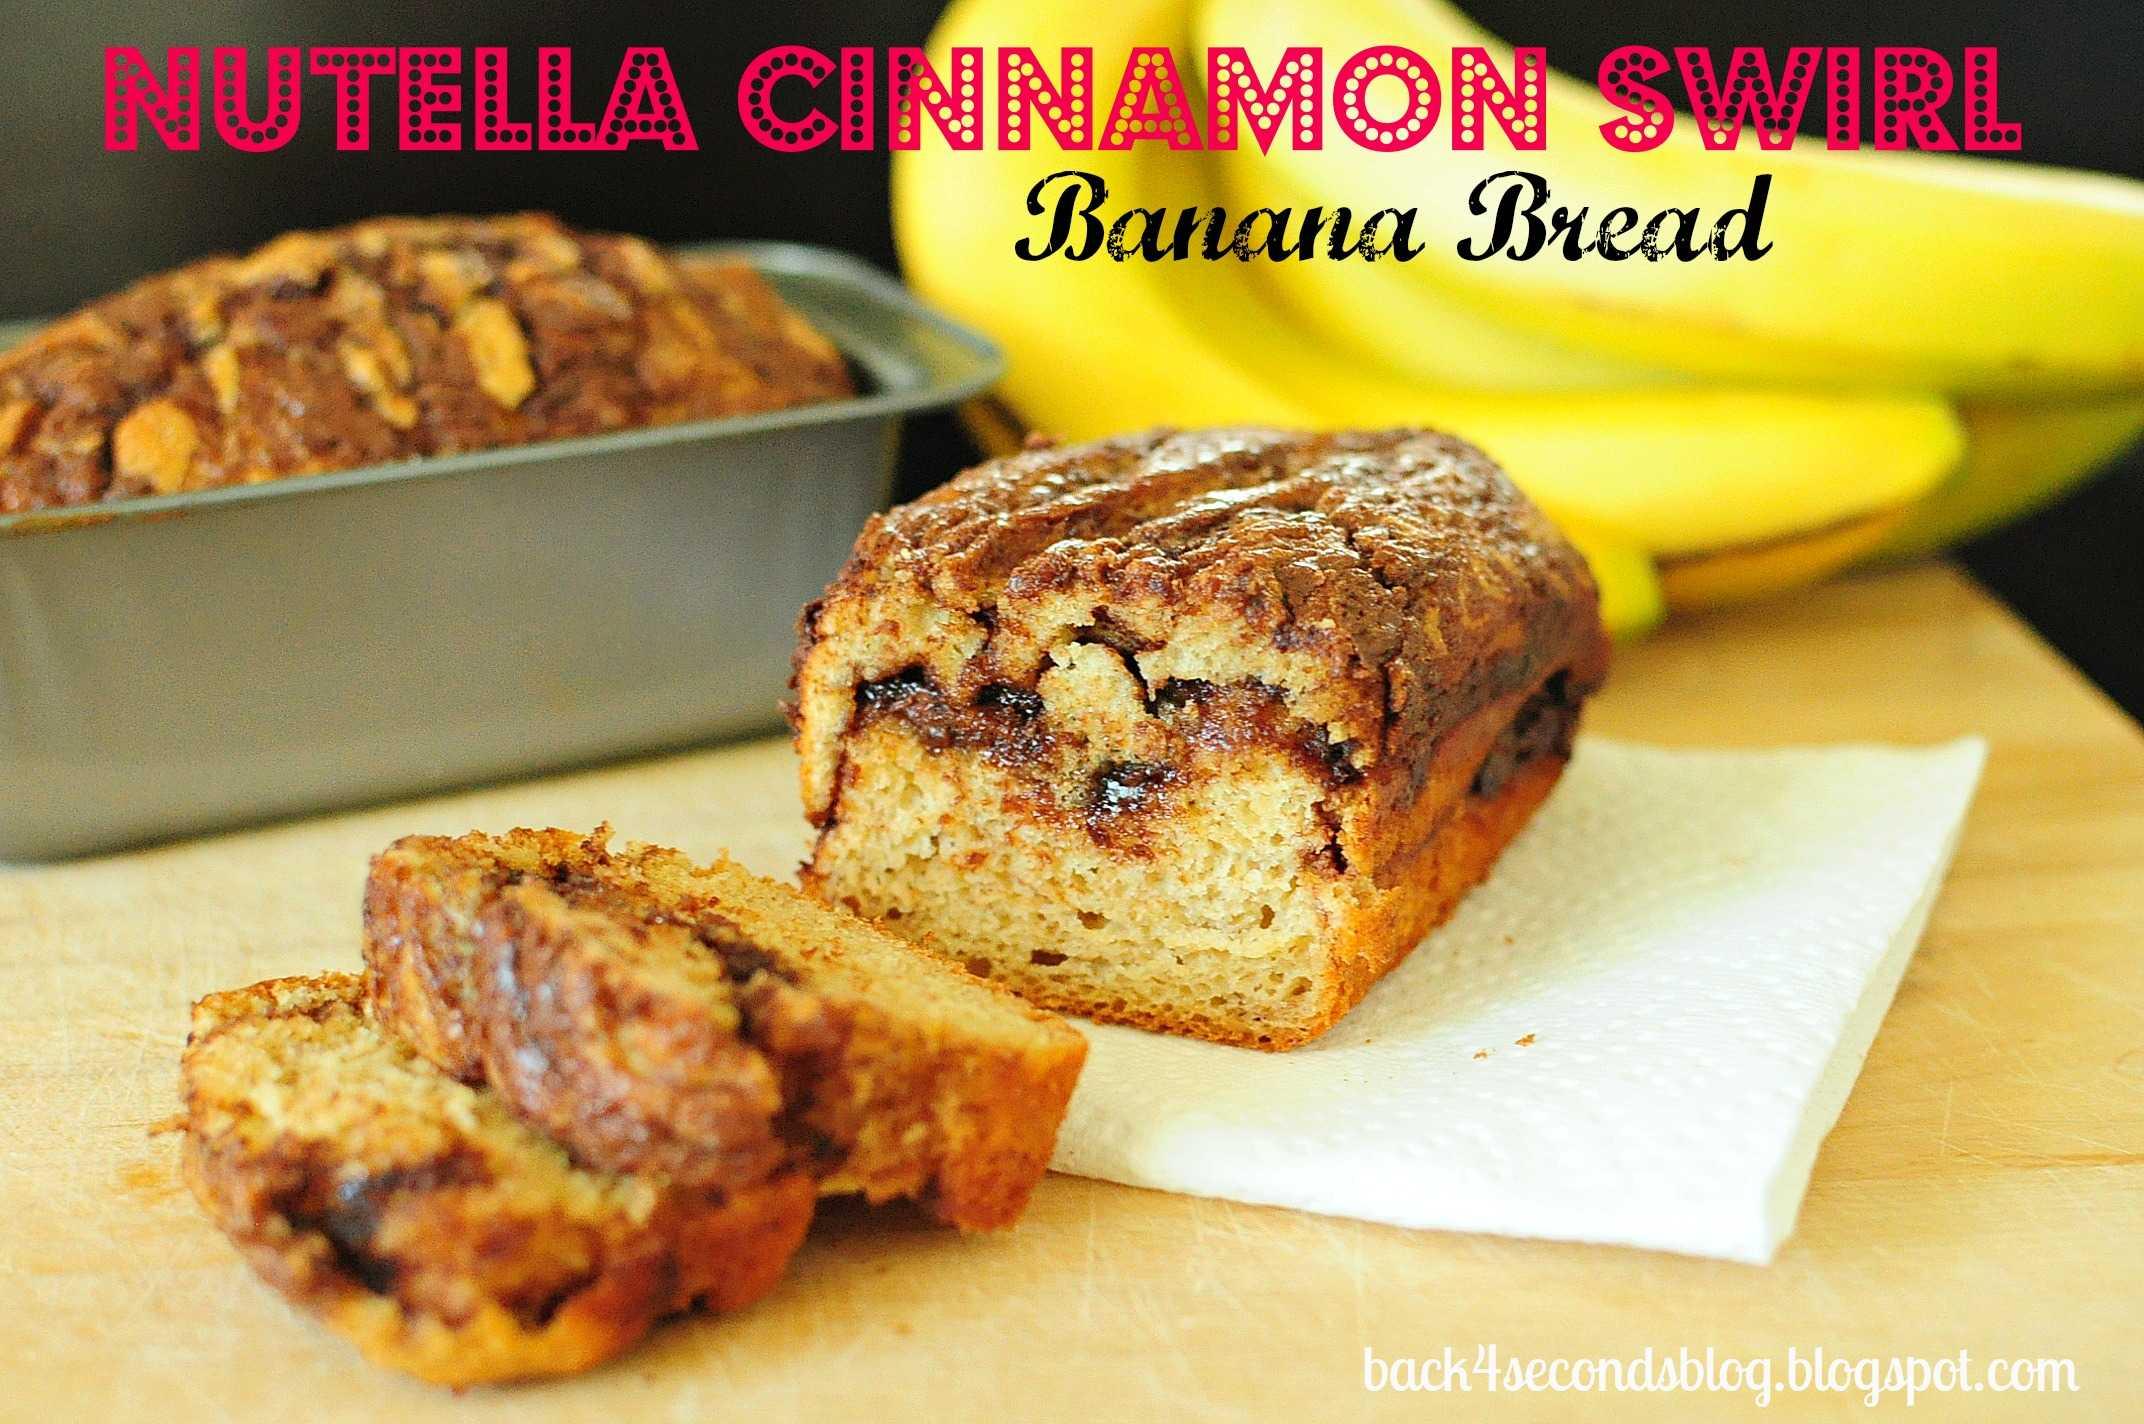 Skinny Nutella Cinnamon Banana Swirl Bread @BackForSeconds backforsecondsblog.com